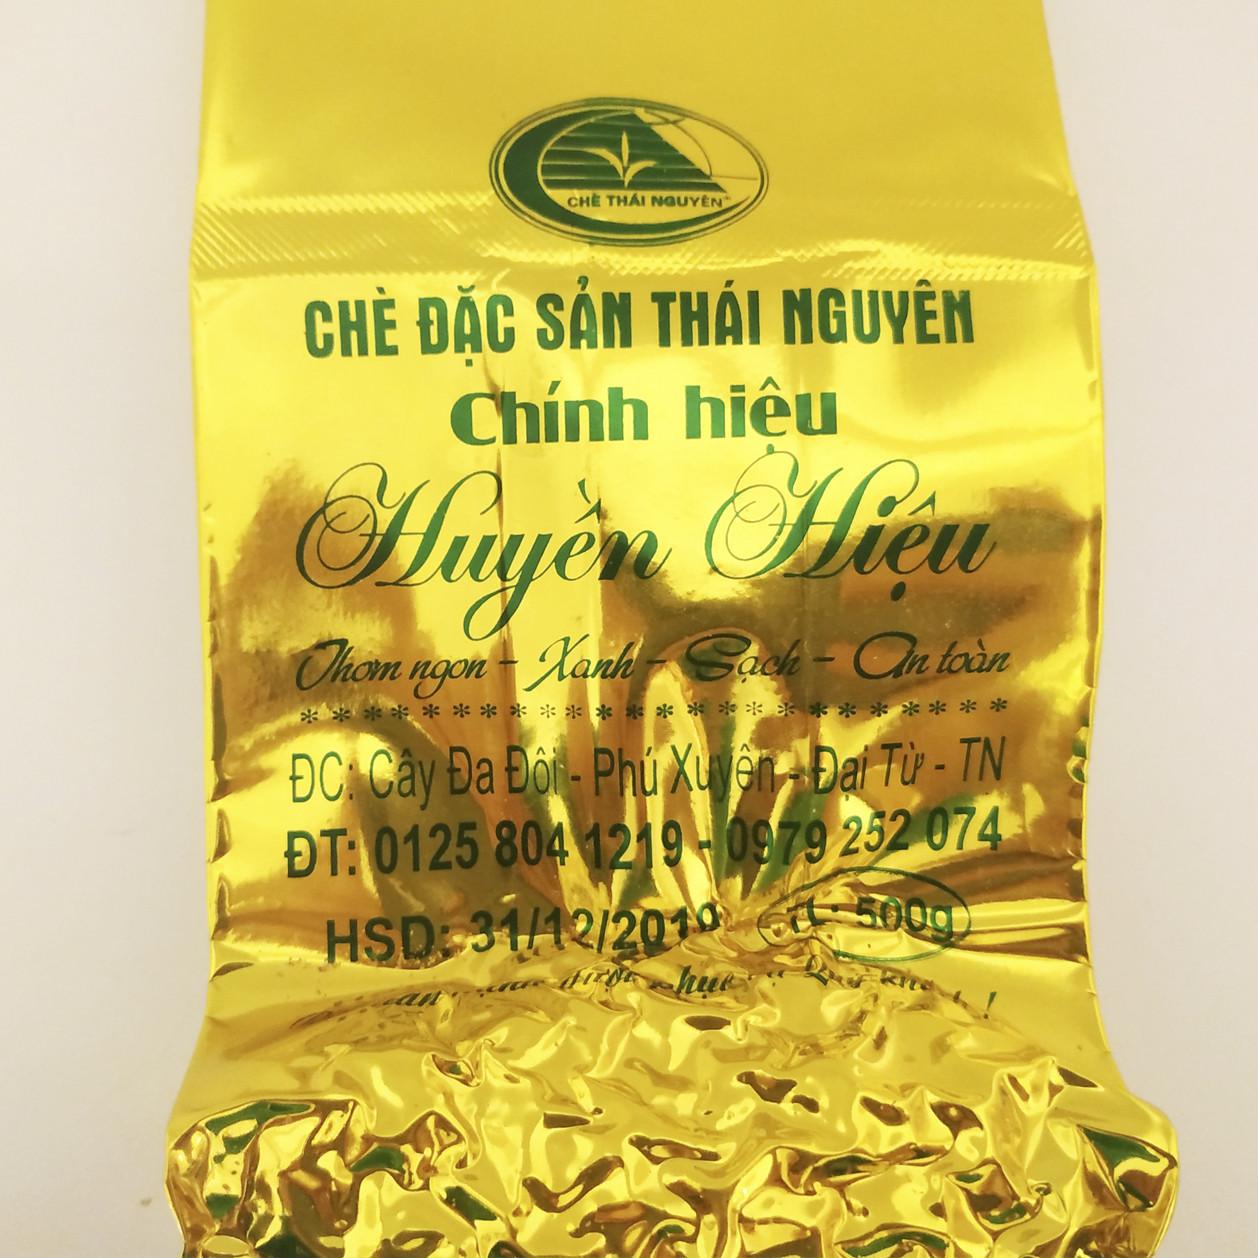 Вьетнамский Зеленый Премиум чай Hanh Dinh Che Thay Nguyen (Вакуум) 500г